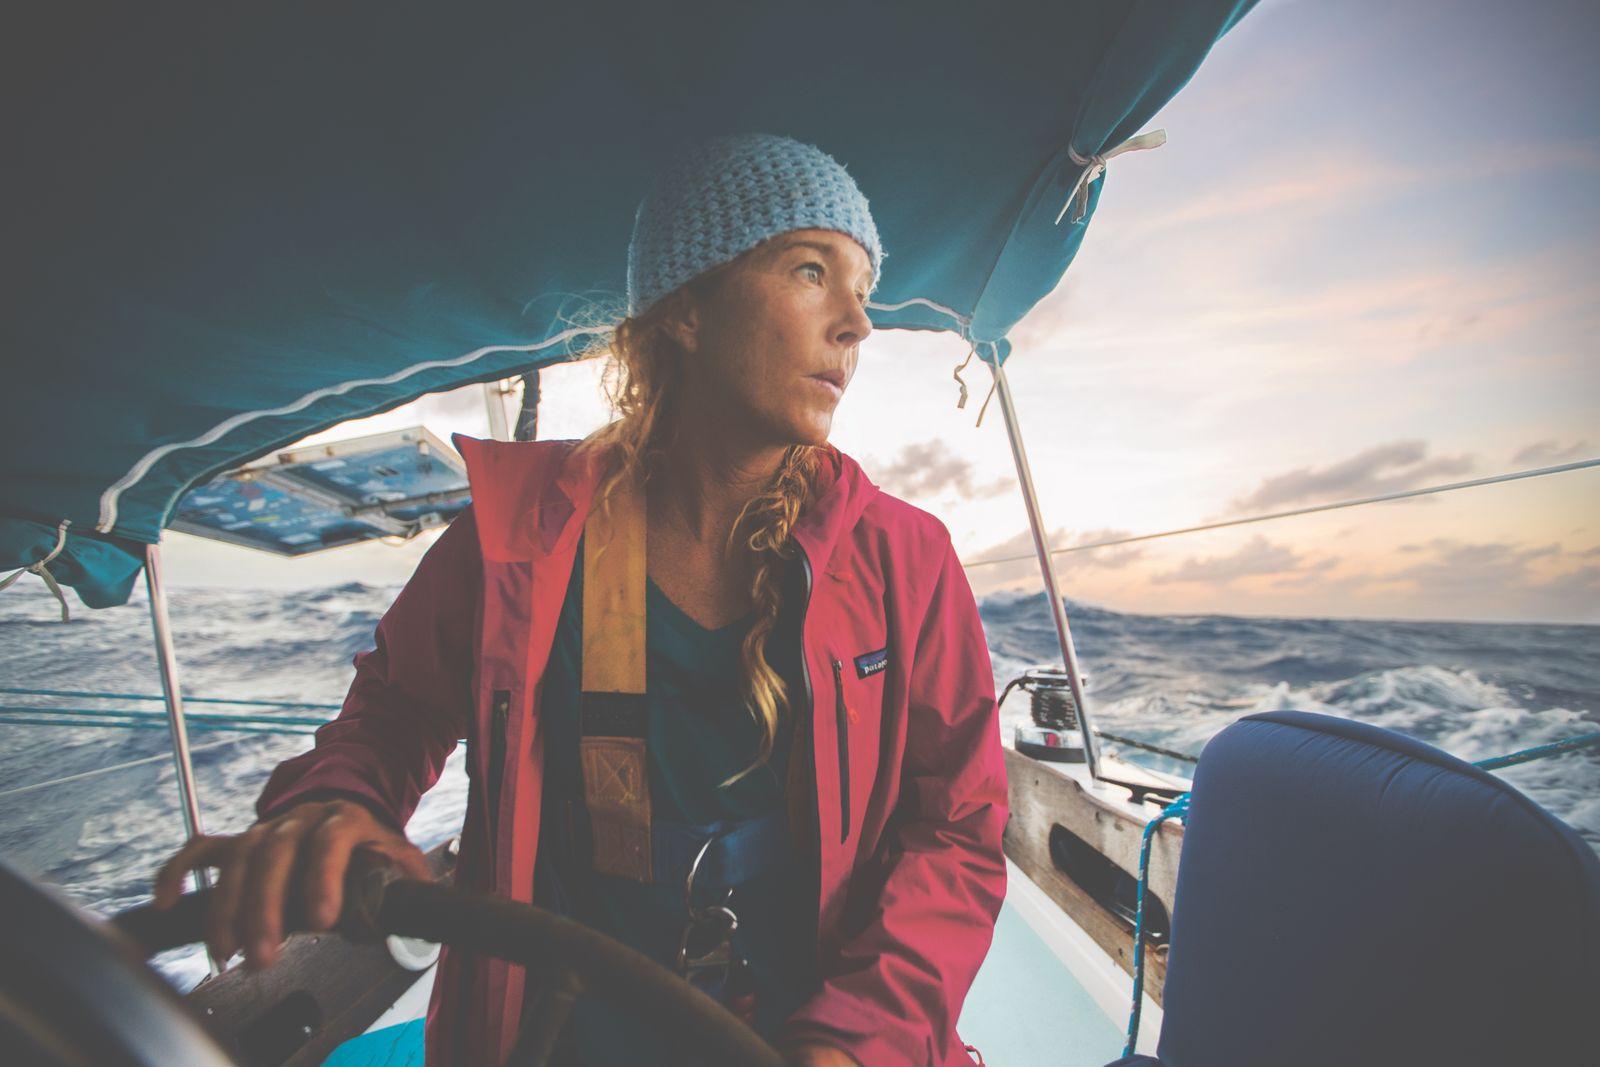 Alleinreisende Frauen/ Liz Clark